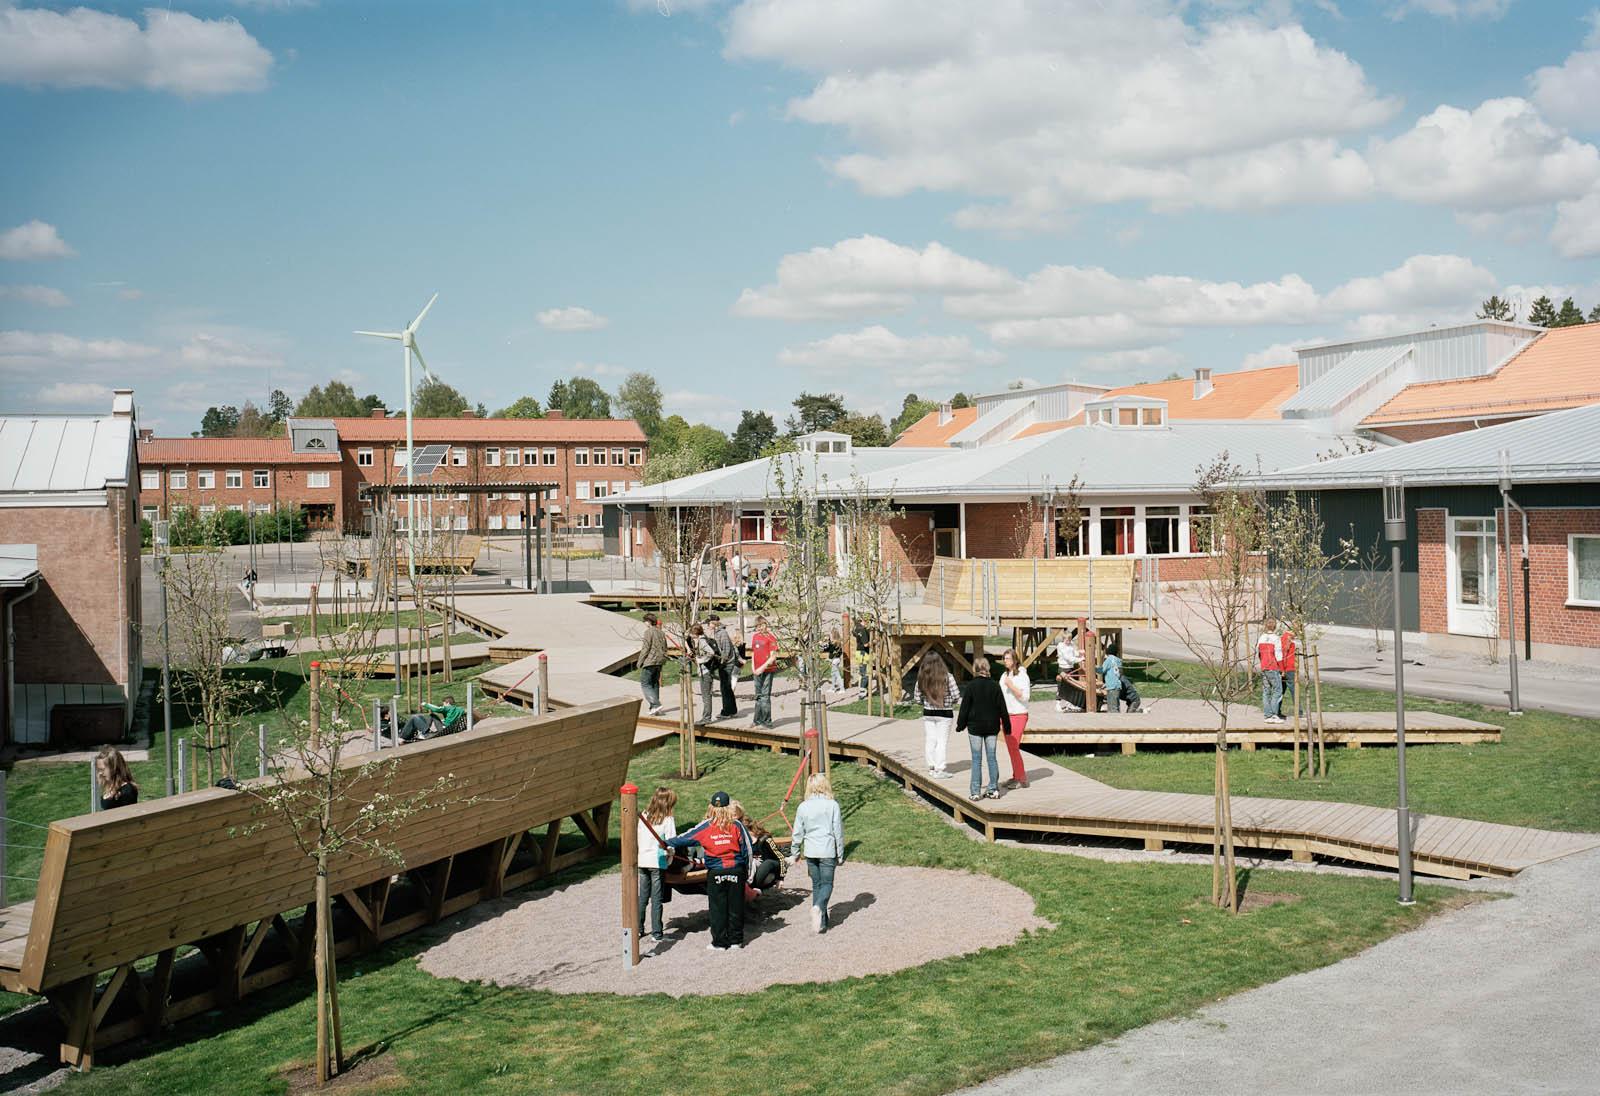 Skolgård med lekande barn, gångbroar av trä, vindsnurra. Marjetica Potrc och STEALTH, Fruit and Energy Farms in a Public Square.